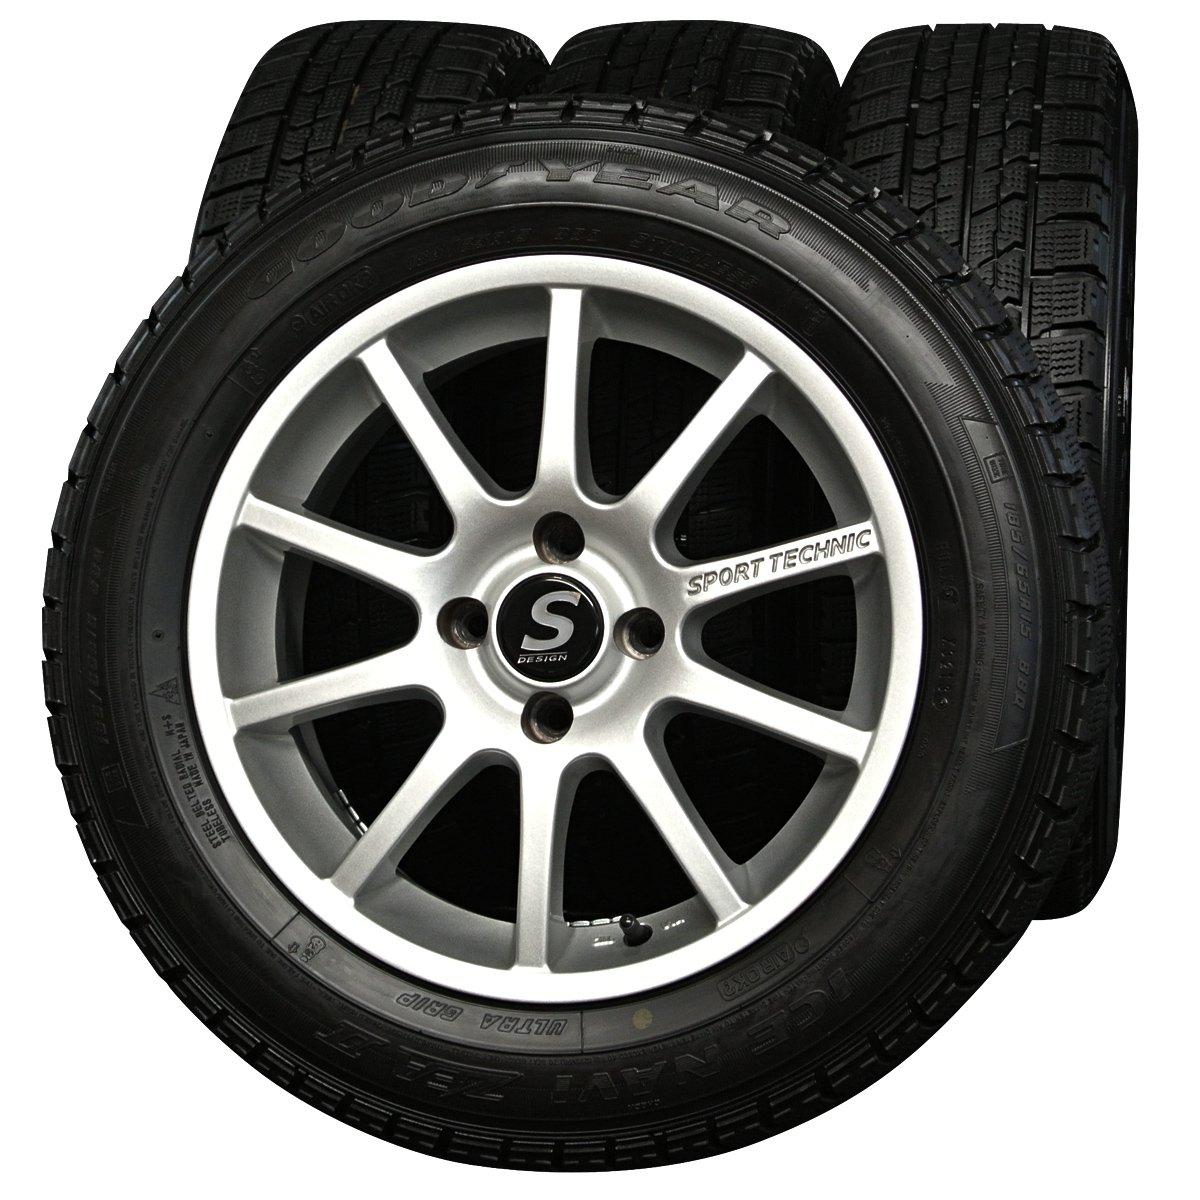 15インチ 4本セット スタッドレスタイヤ&ホイール グッドイヤー(GOODYEAR) ICENAVI ZEA2 185/65R15 スポーツテクニック B01E16E51S